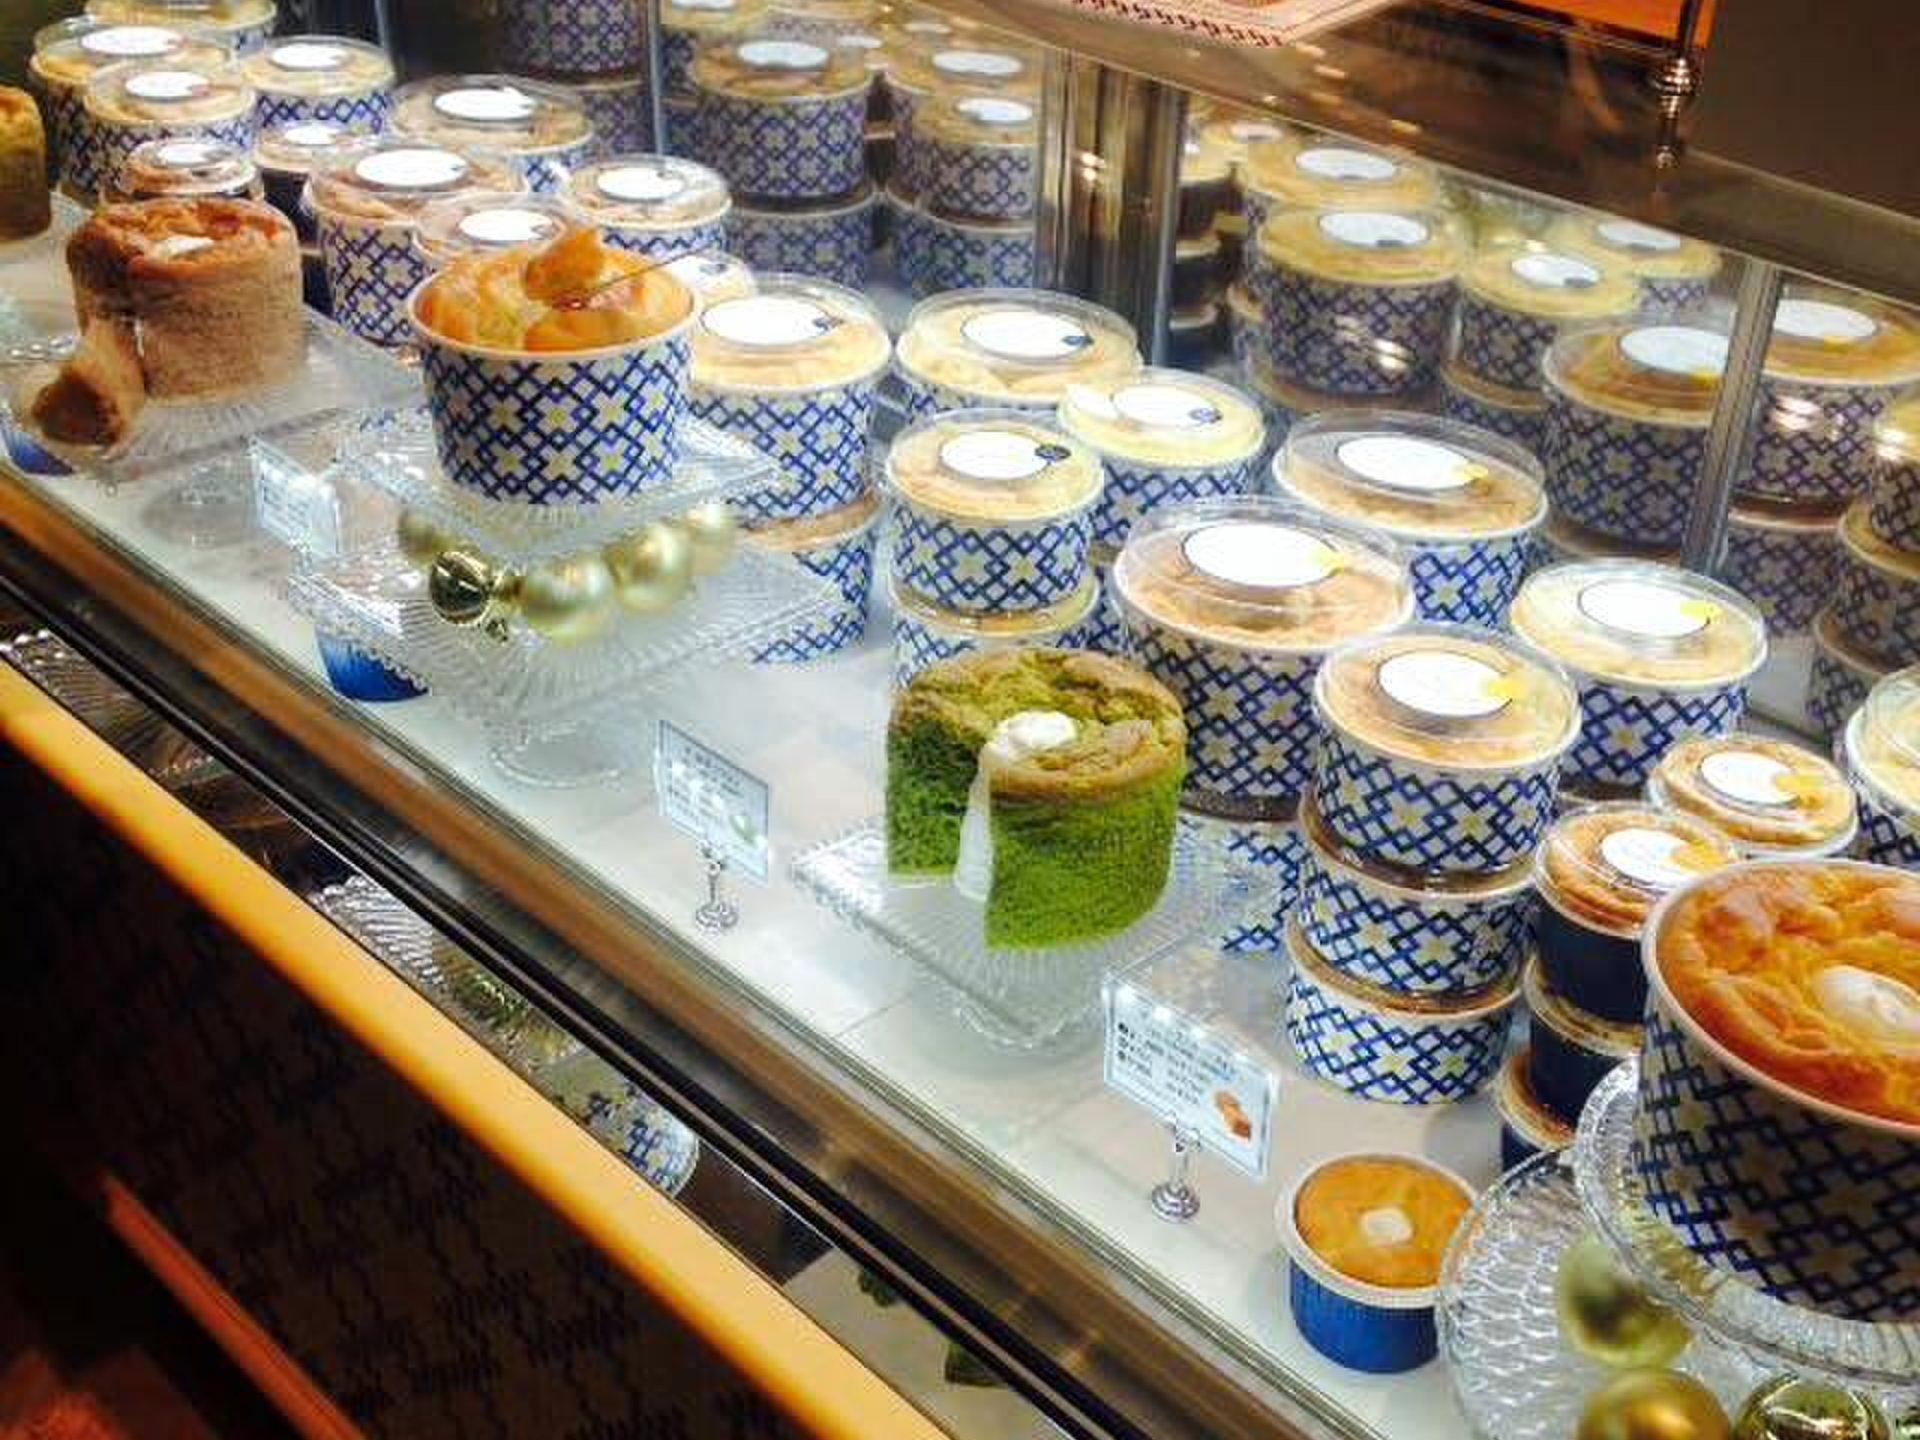 【コクーンシティ さいたま新都心】シフォンケーキ専門店「ザ・シフォンアンドスプーン」